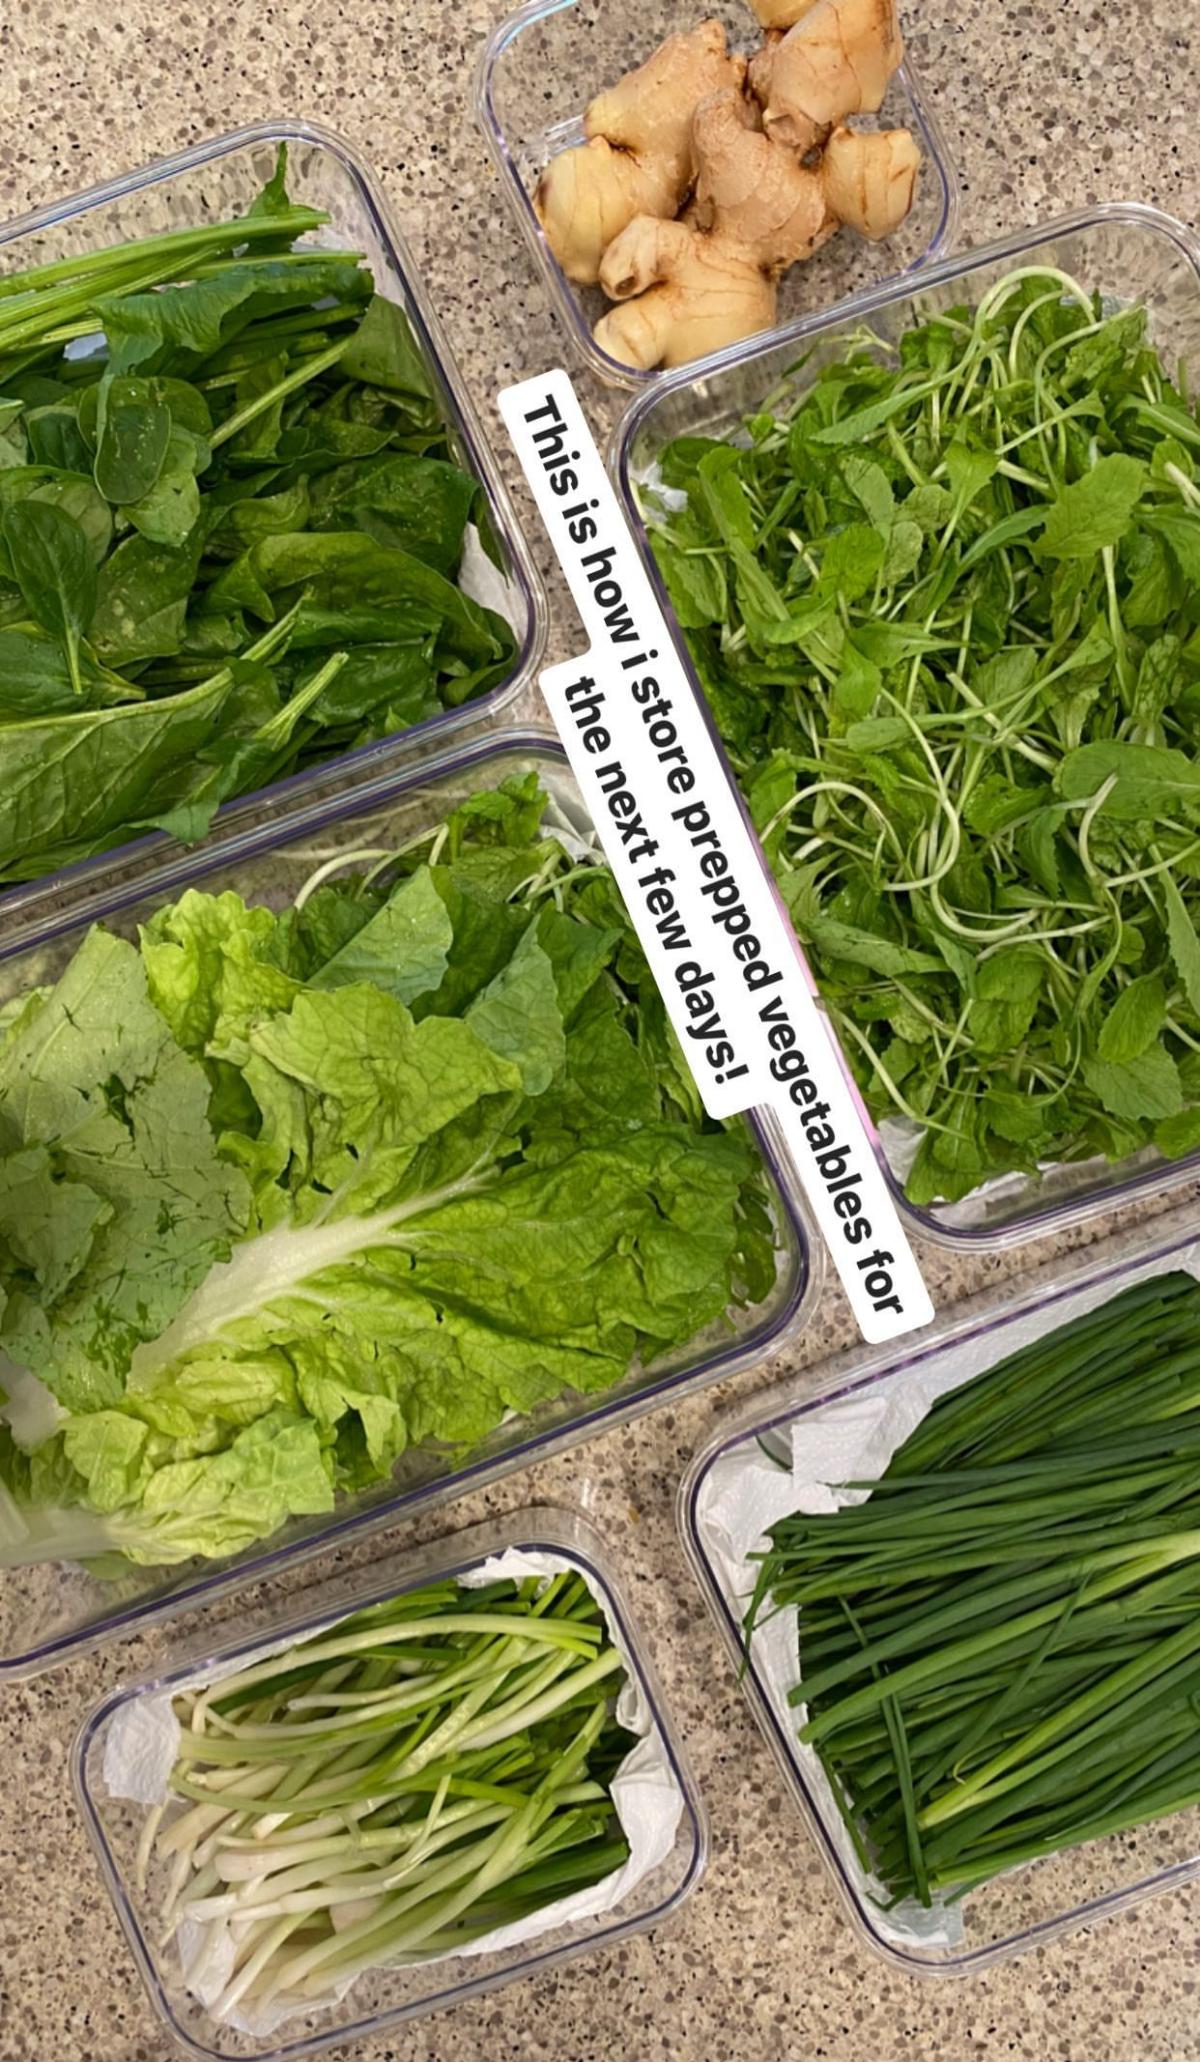 Hà Tăng phân loại rau trước khi cho vào tủ lạnh.